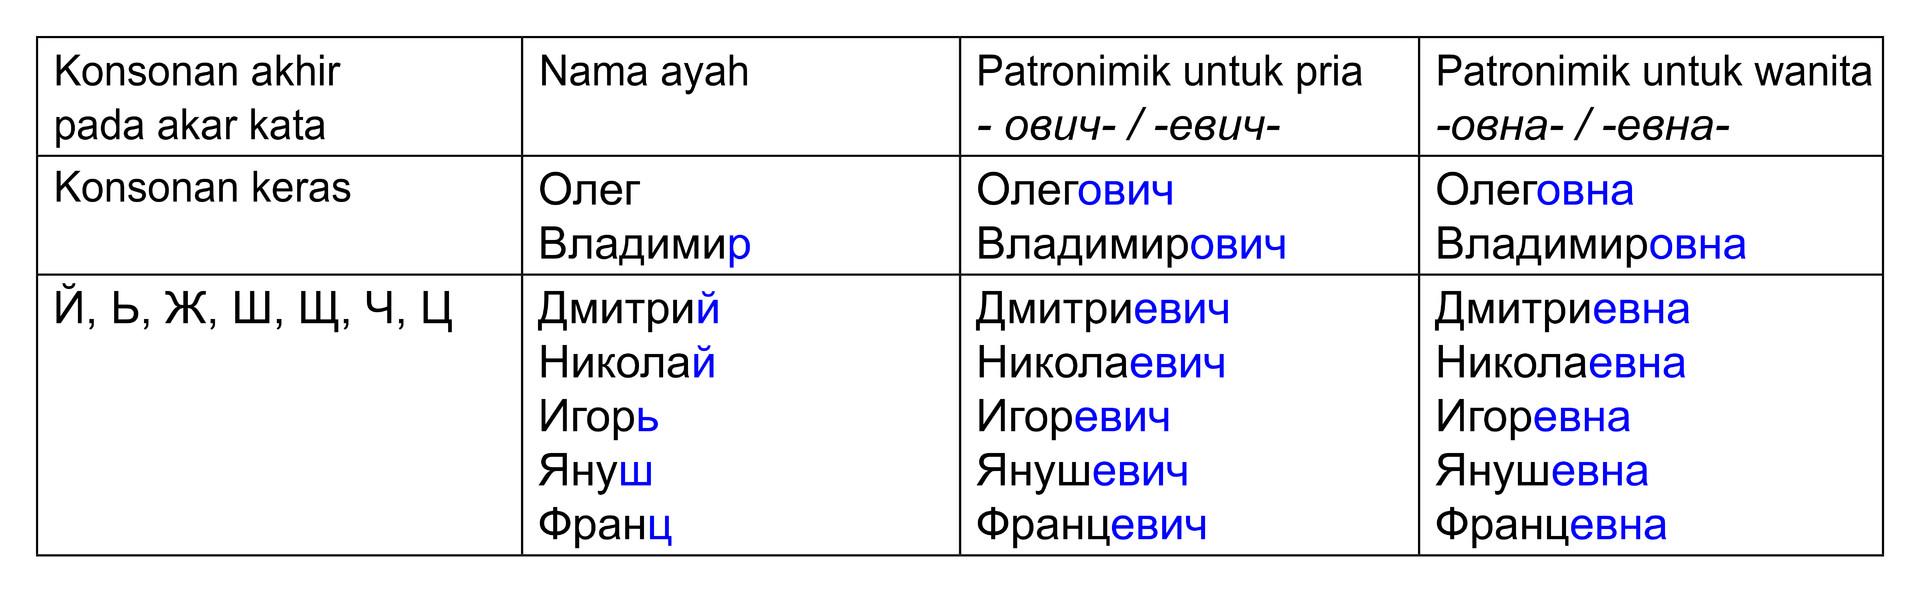 Tabel 1. Pembentukan patronimik